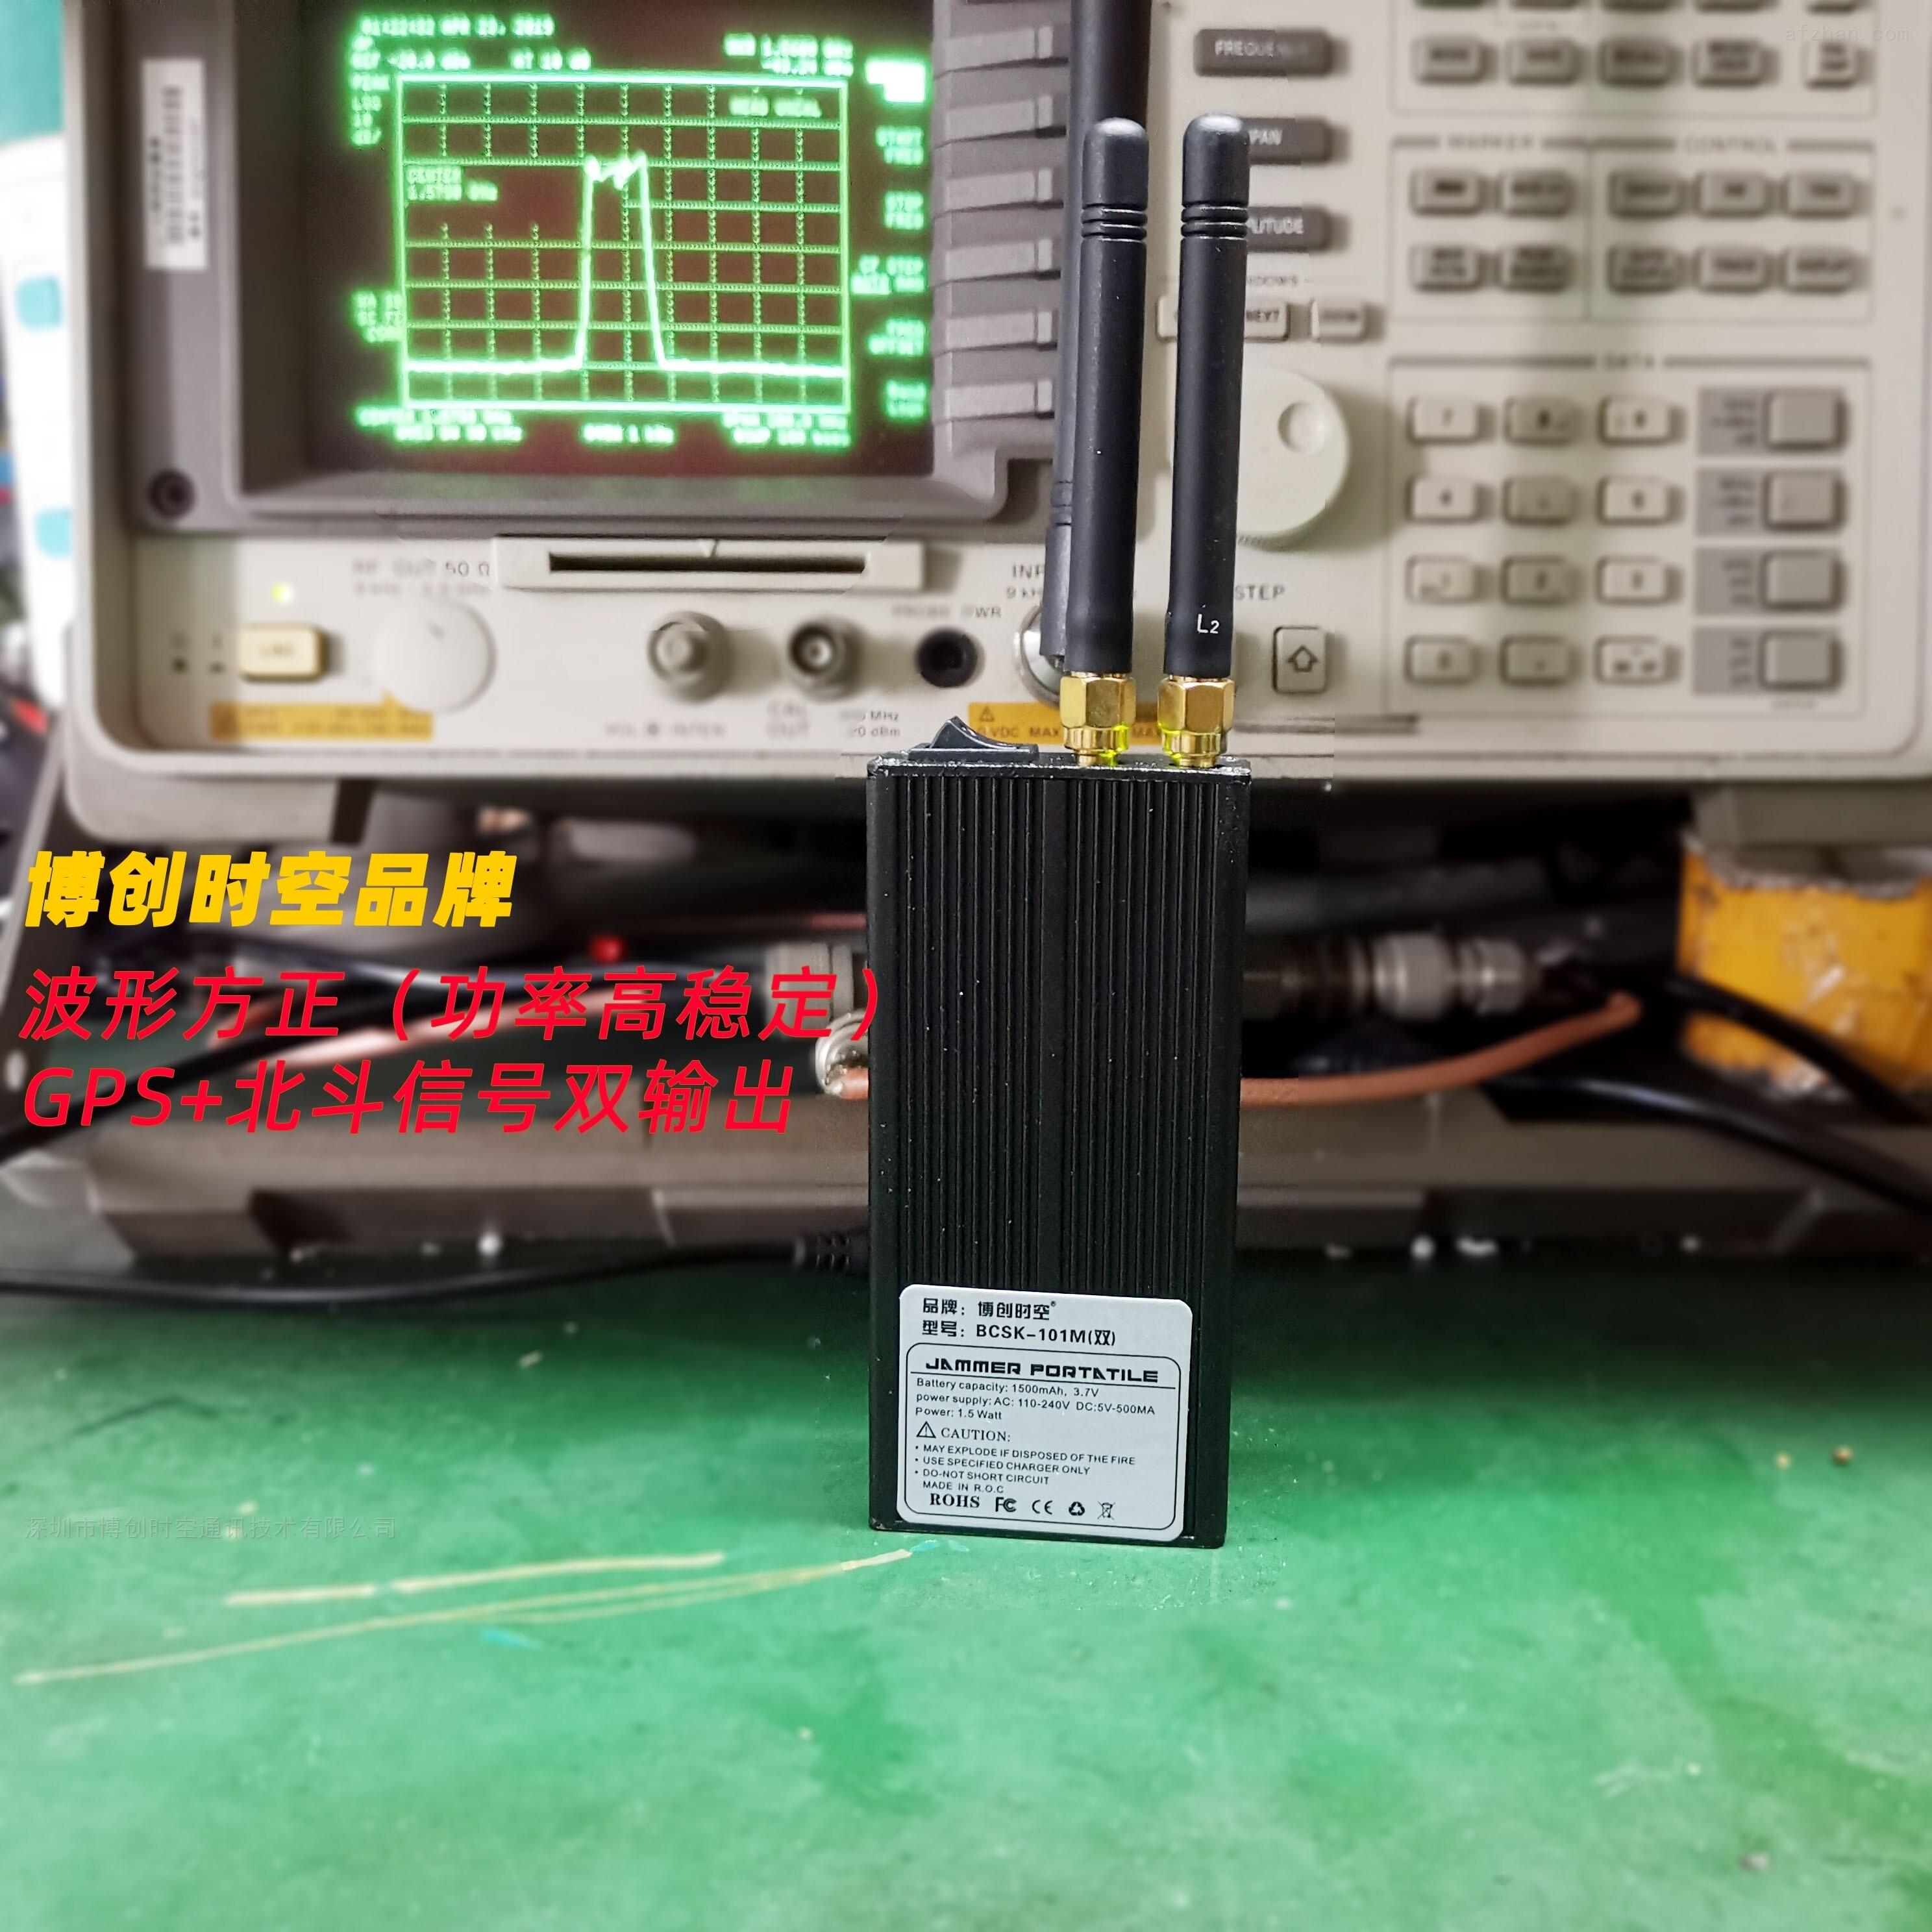 公司限速gps北斗行驶记录仪干扰屏蔽器